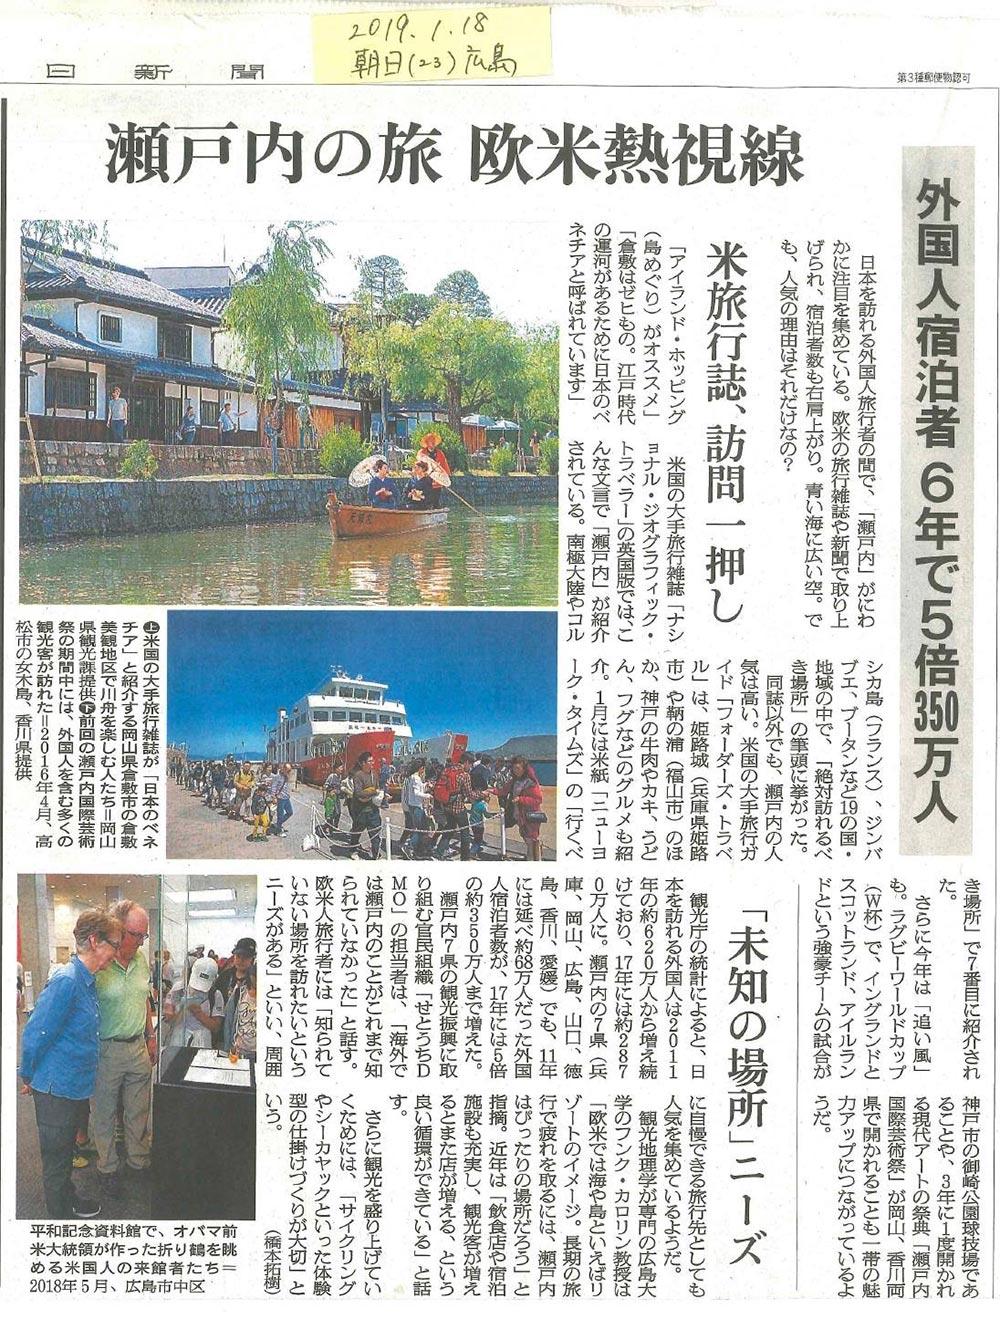 「瀬戸内の旅 欧米熱視線」朝日新聞に掲載されました。